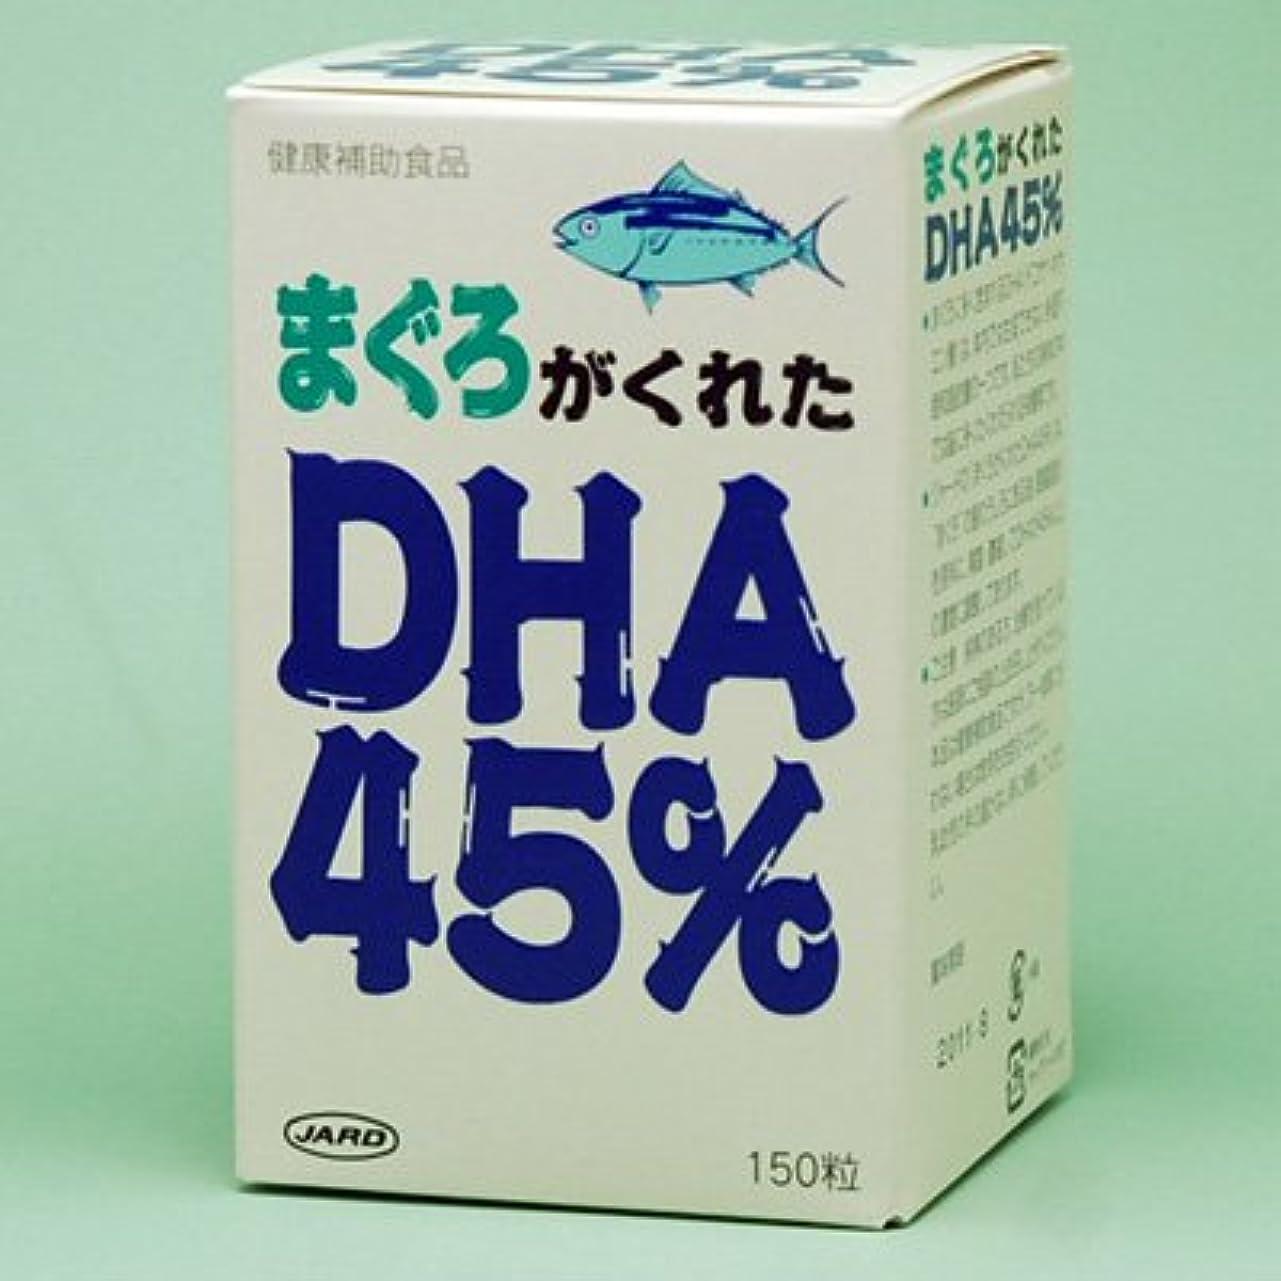 反応するヒューズウイルスまぐろがくれたDHA45%【6本セット】ジャード